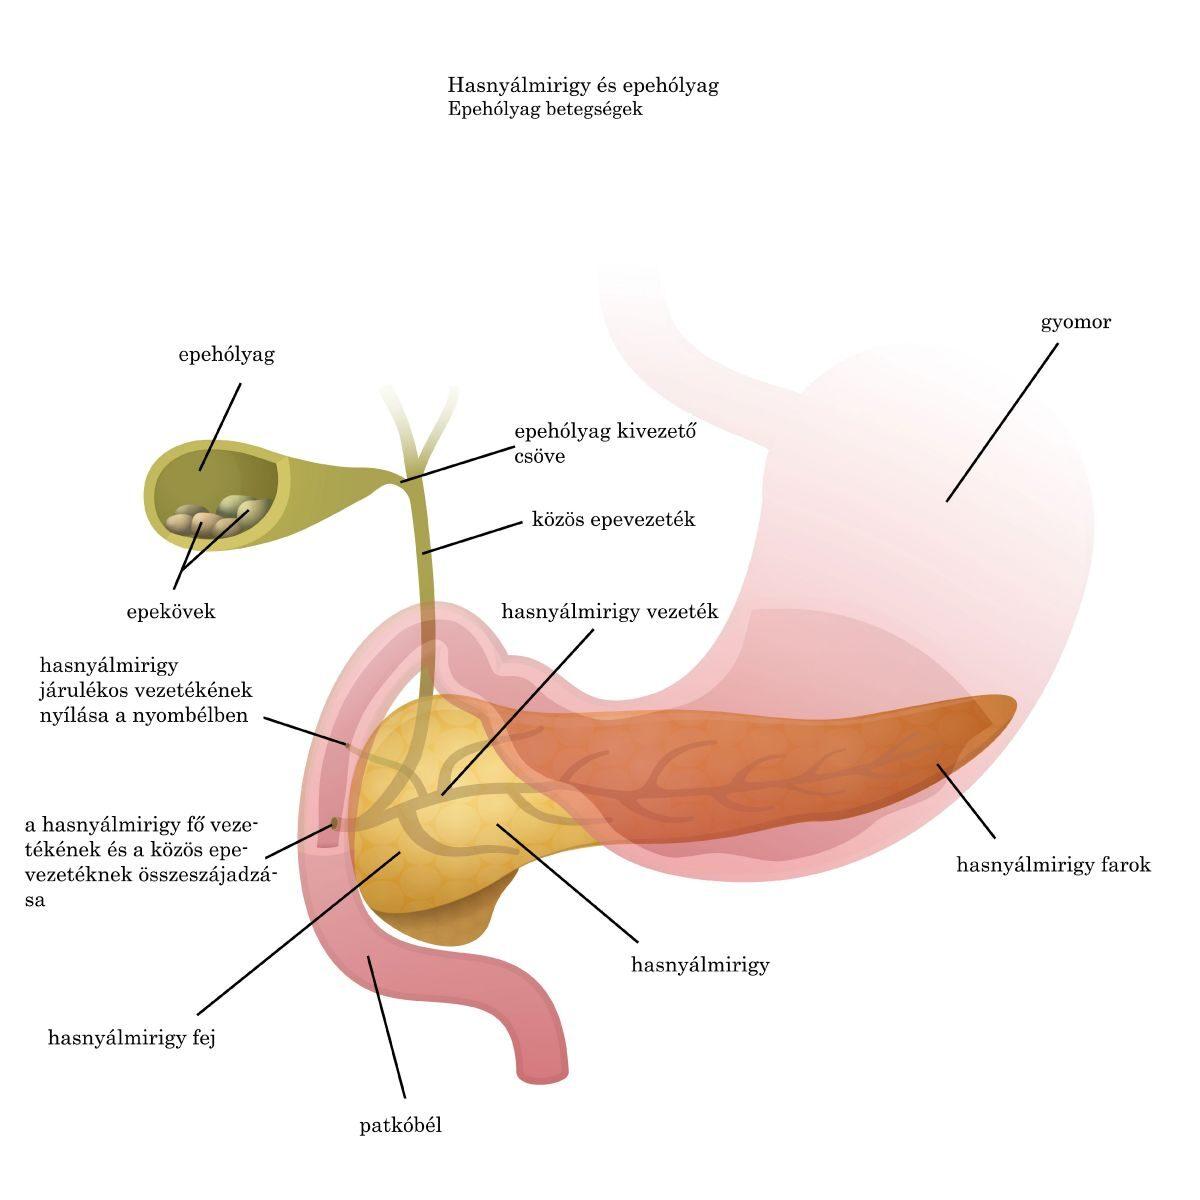 Helminthiasis és kezelés. Teljes helminthiasis kezelés - Ascaris kezelési rend